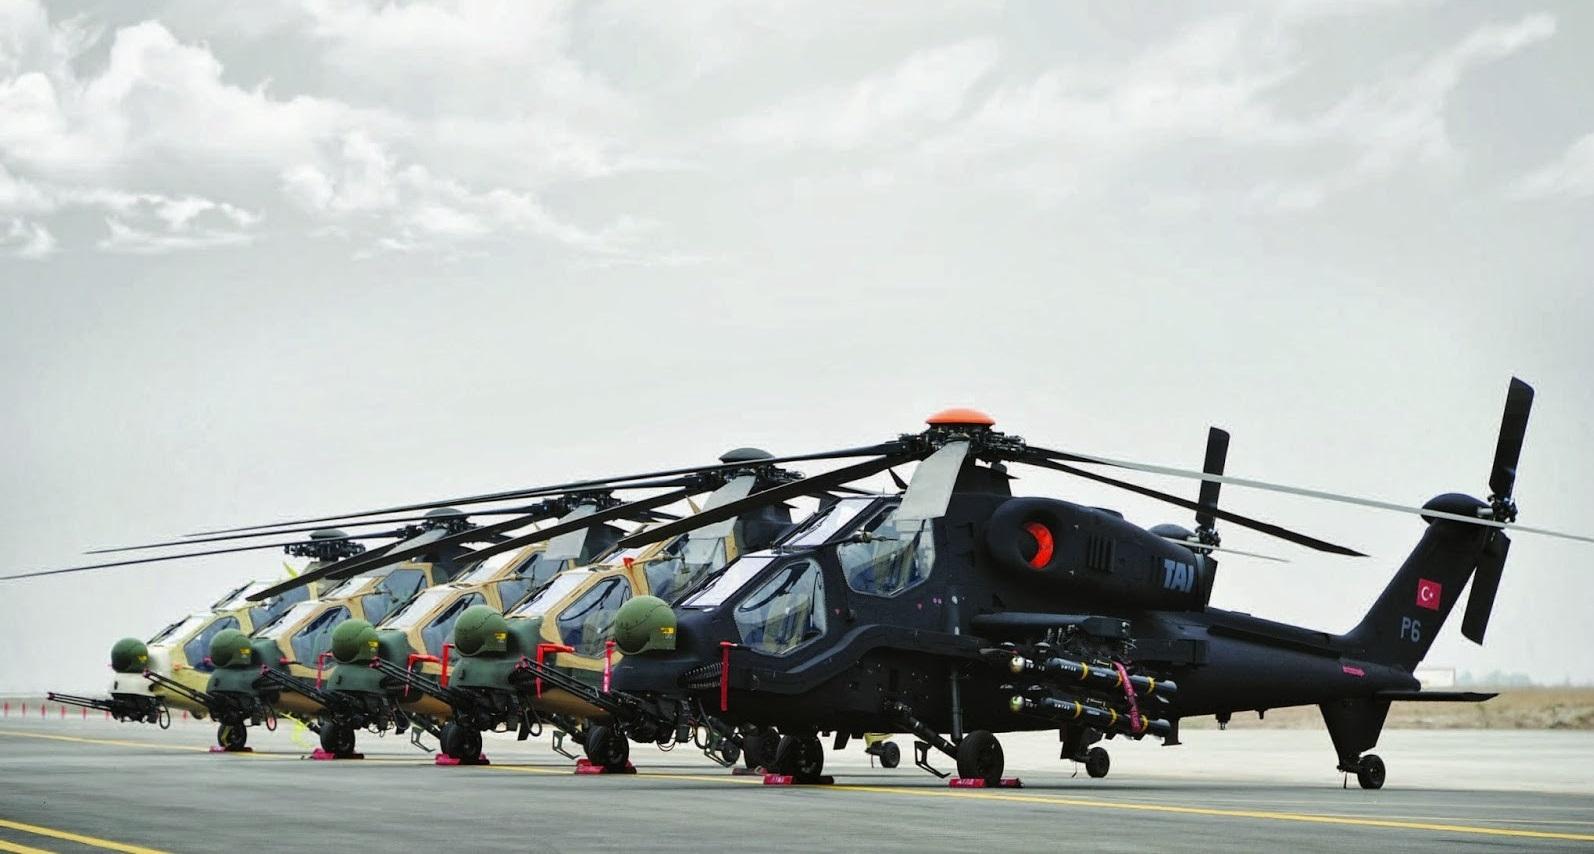 الطائرات التركية تلقى اهتماما كبيرا في معرض تايلاند للصناعات الدفاعية Atak2